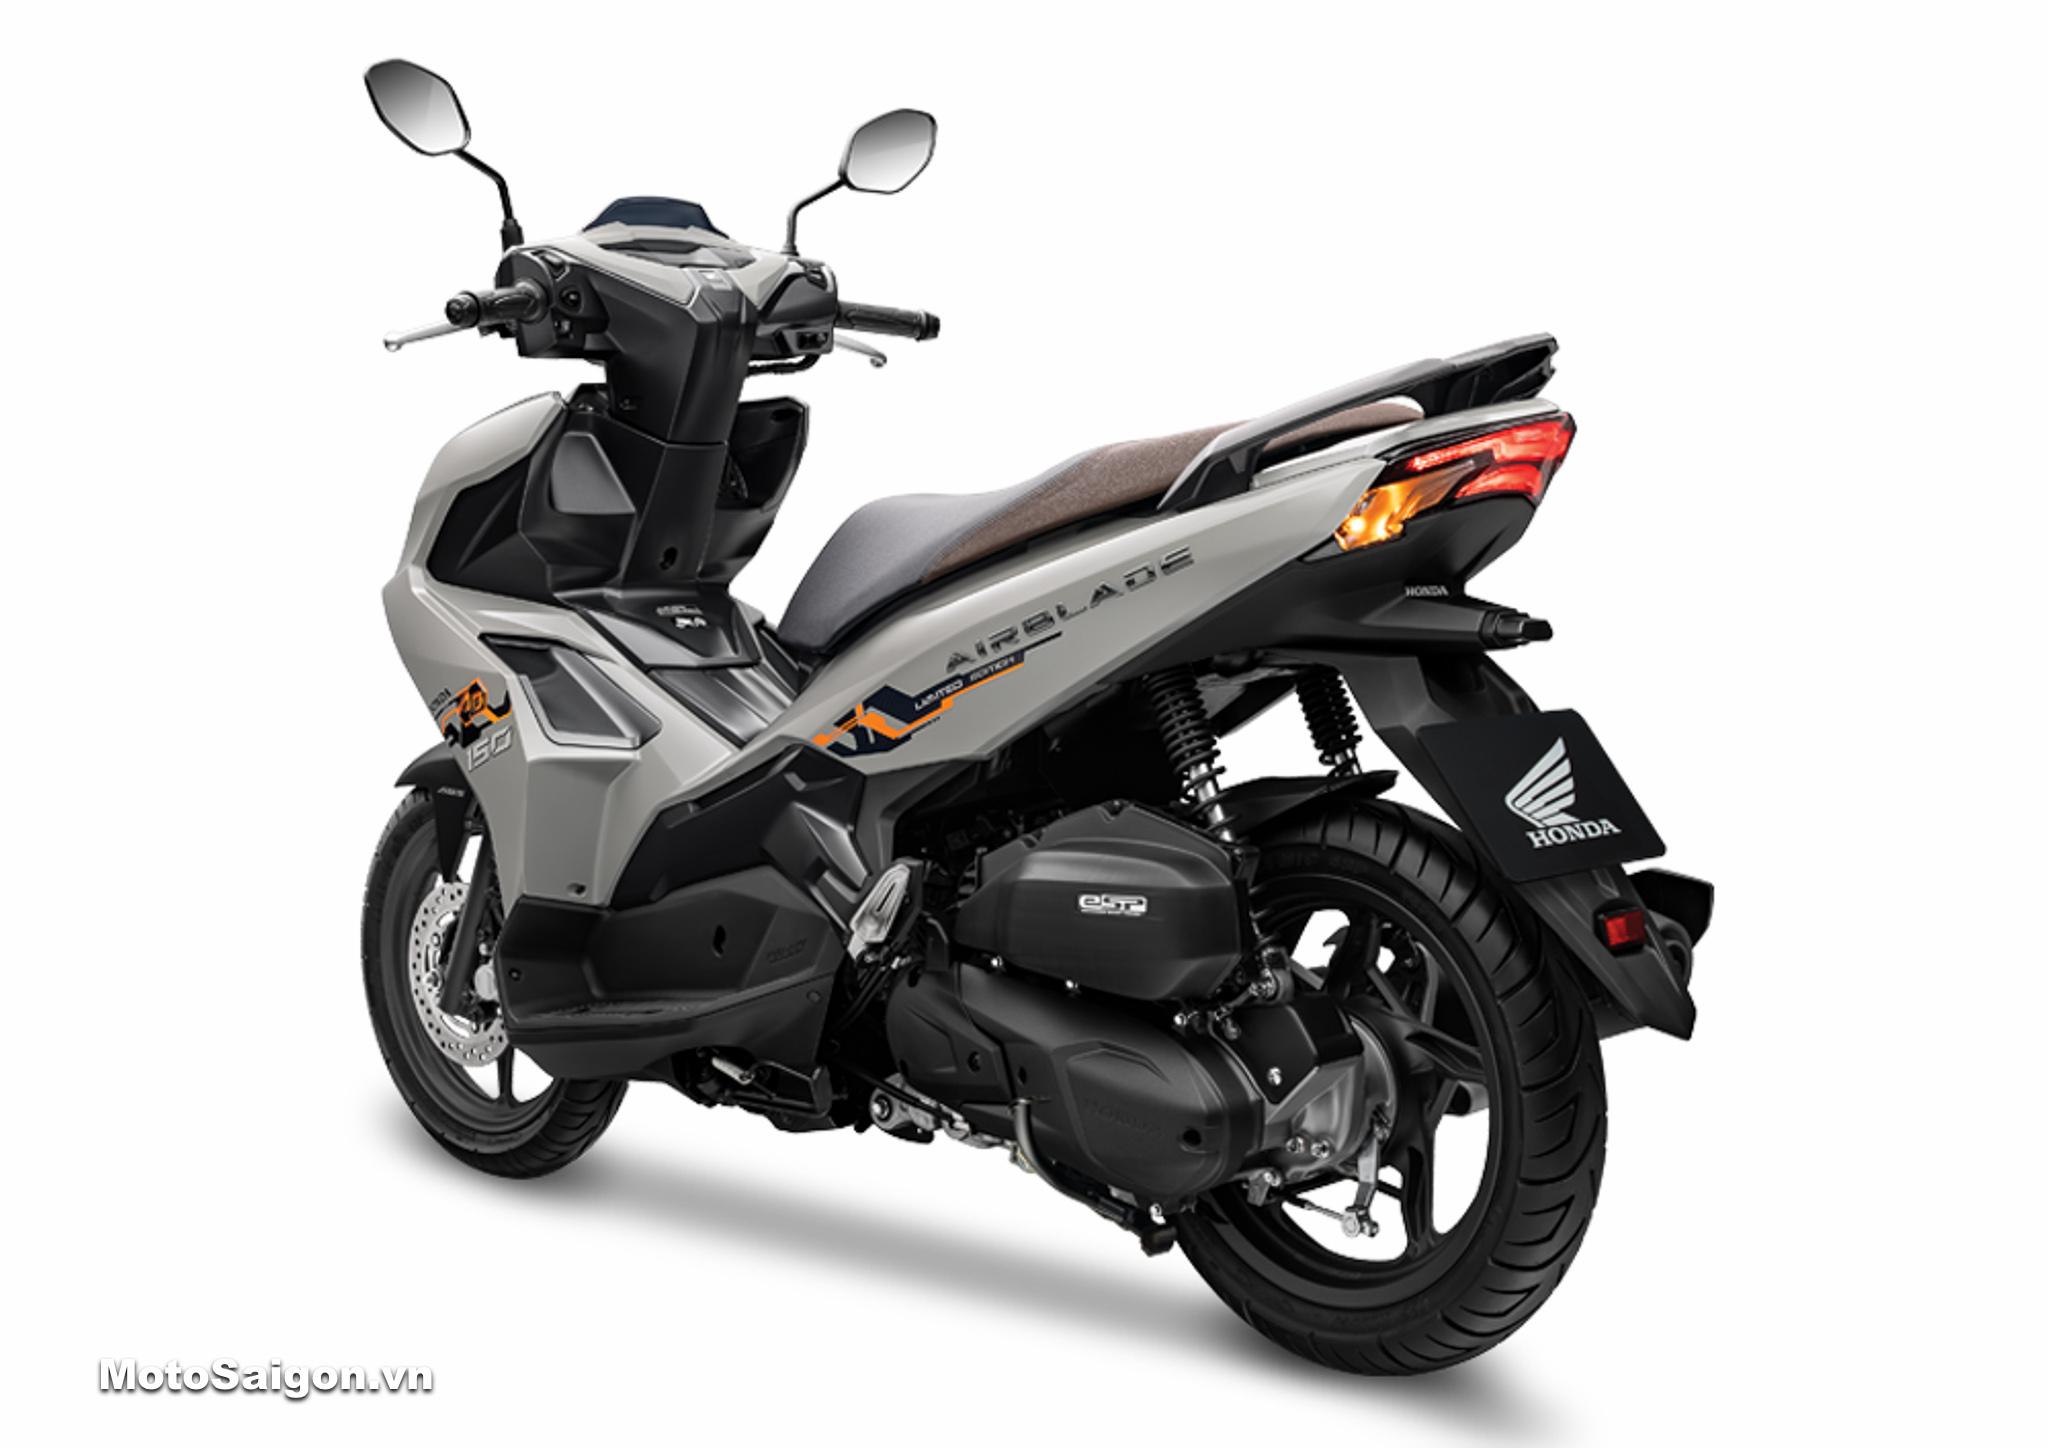 Honda Air Blade 150 2022 phiên bản giới hạn mới - AB150 - giá bán